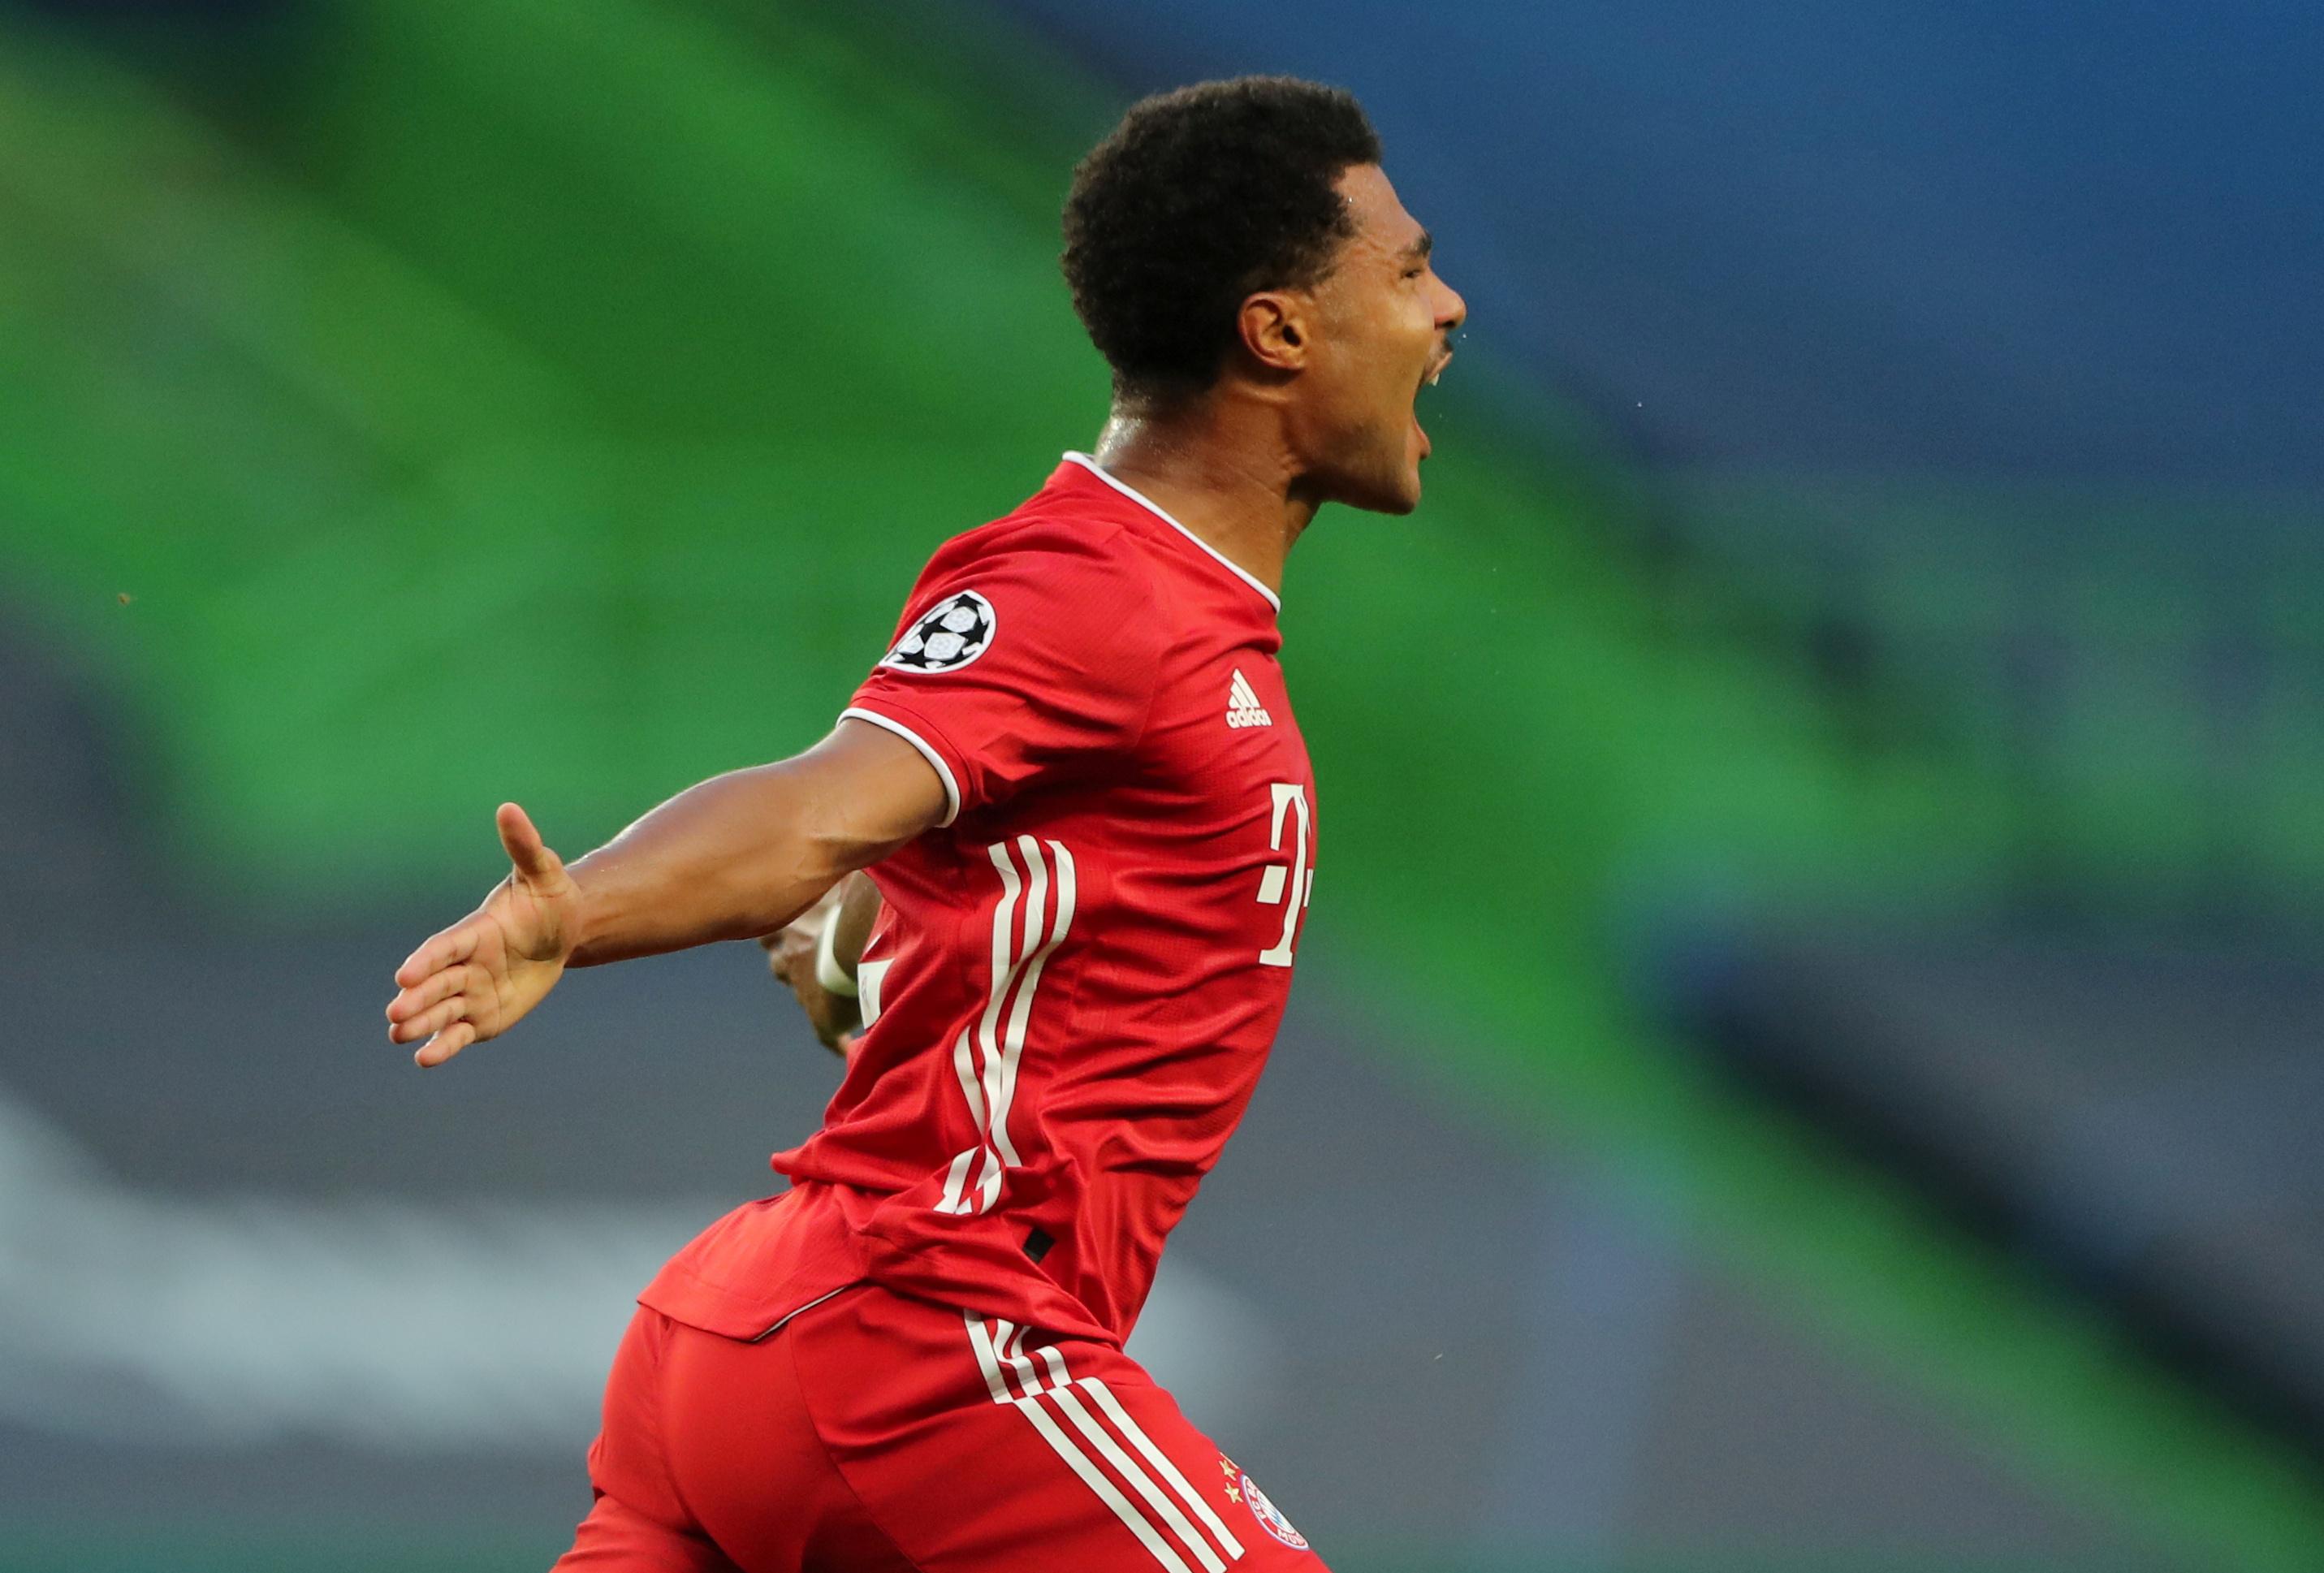 Serge Gnabry comemora gol na vitória do Bayern sobre o Lyon